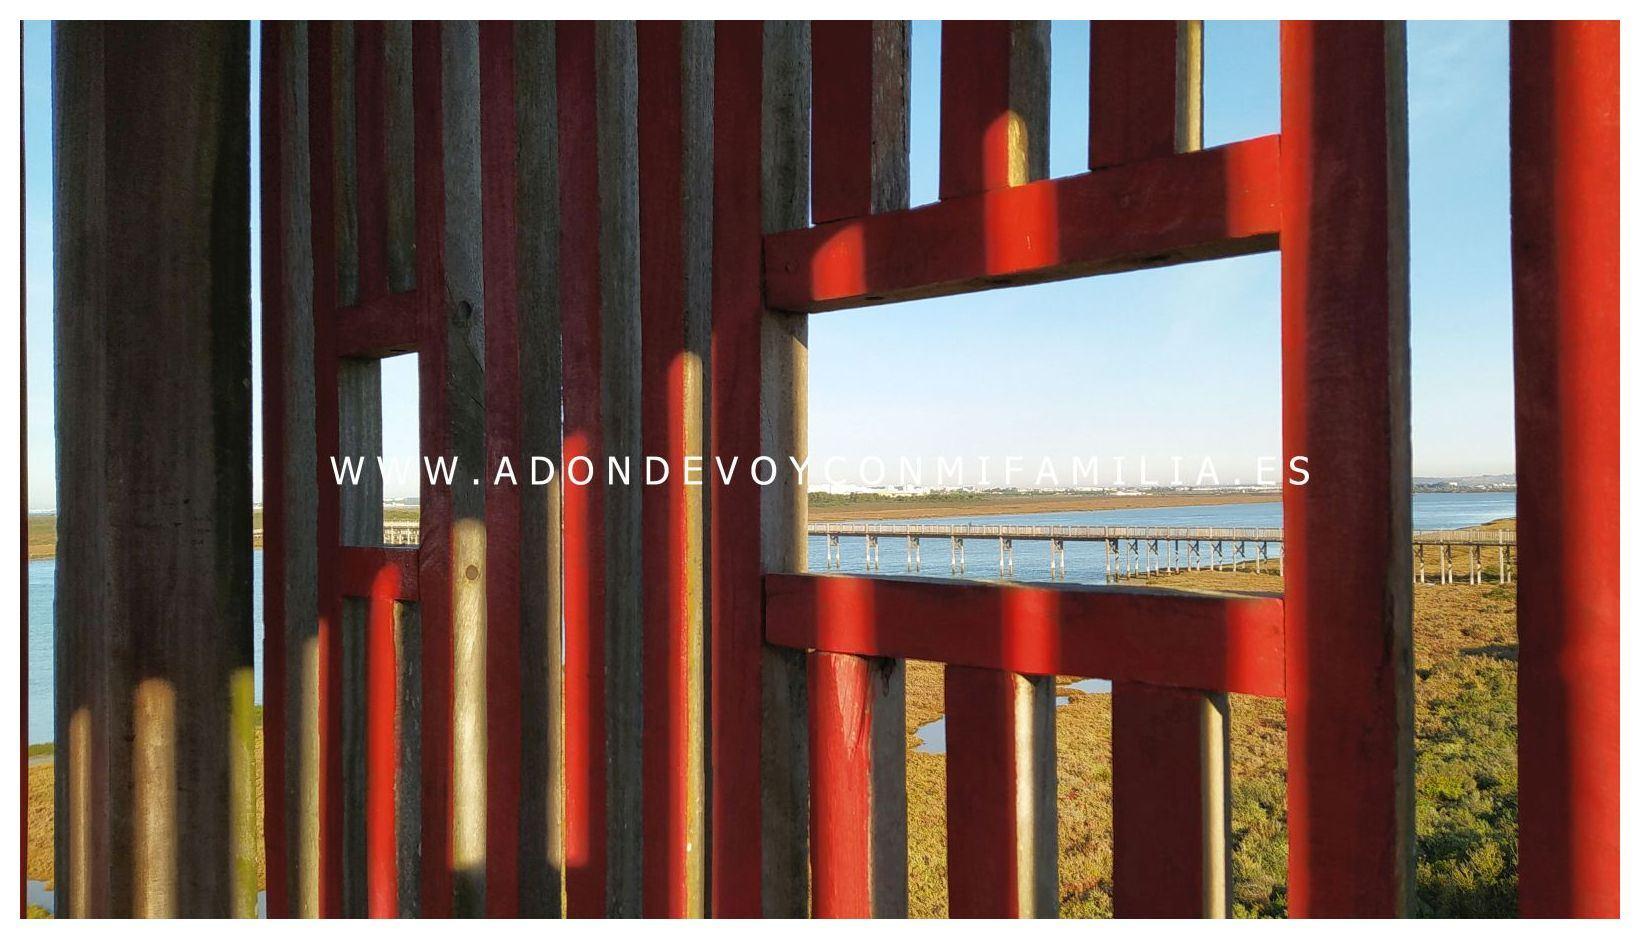 sendero-pinar-de-la-algaida-Adondevoyconmifamilia-15